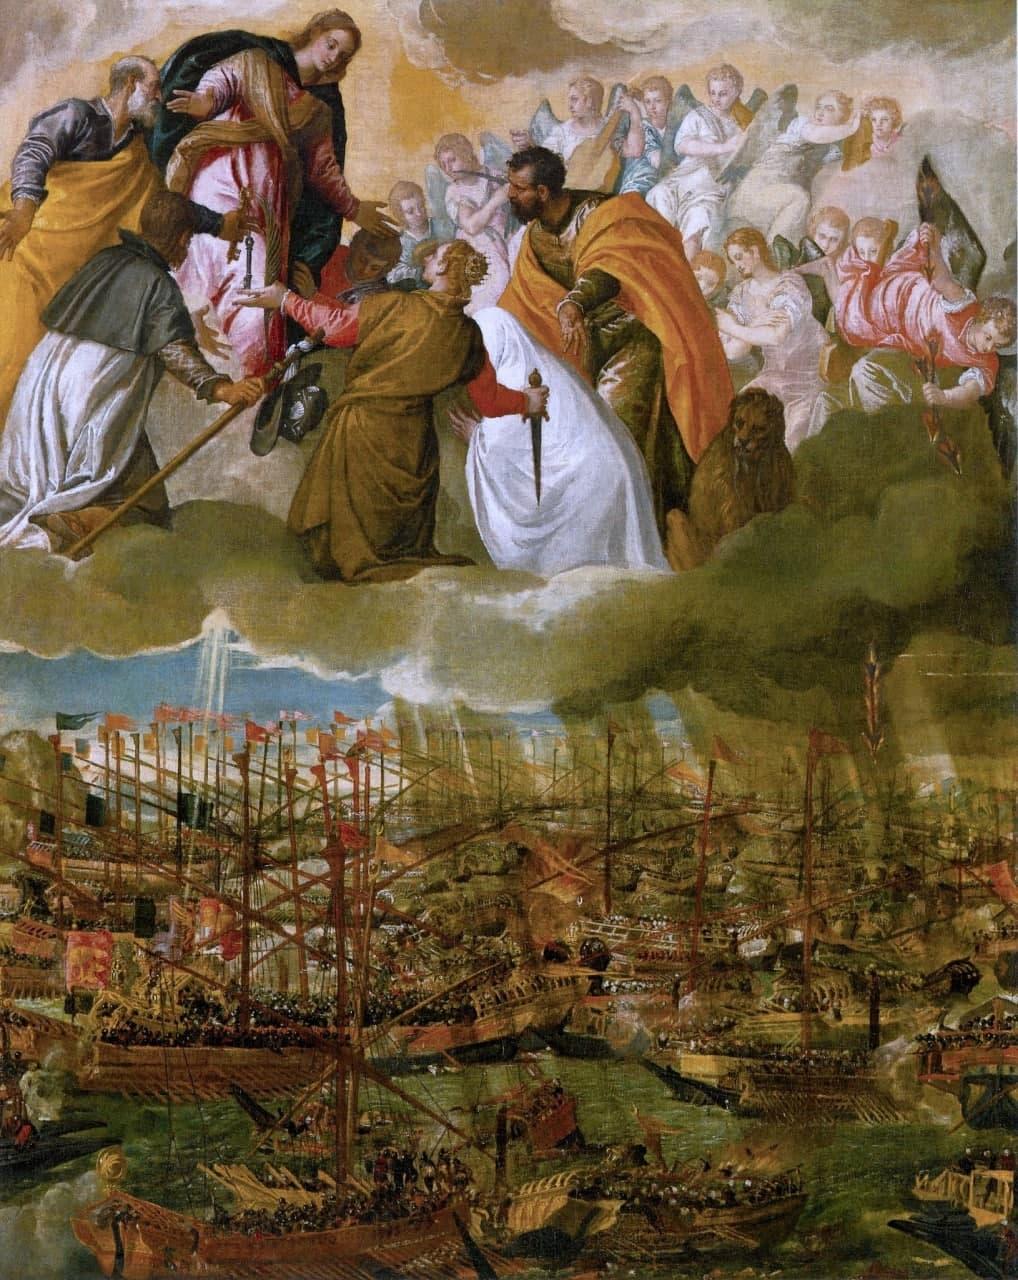 7 de Outubro: Festa de Nossa Senhora do Rosário e 450º aniversário da Vitória de Lepanto